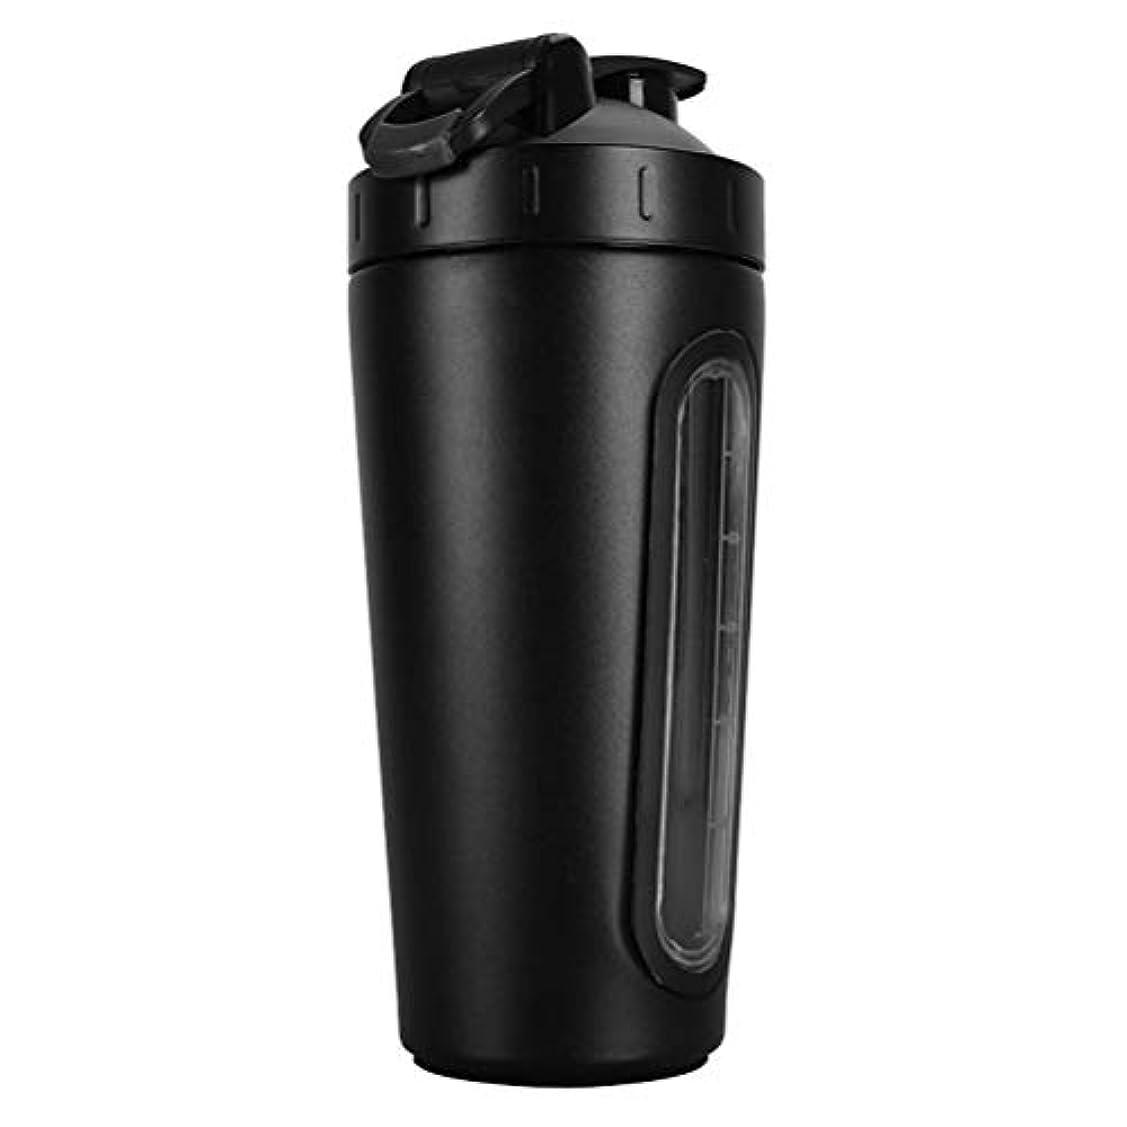 ハイブリッド甘くする計画的Erose-BD 2019新型 304ステンレスプロテインシェイカーボトル プロテインシェイカー シェイカー ボトル 水筒 ウォーターボトル (800ml) 1個 黒